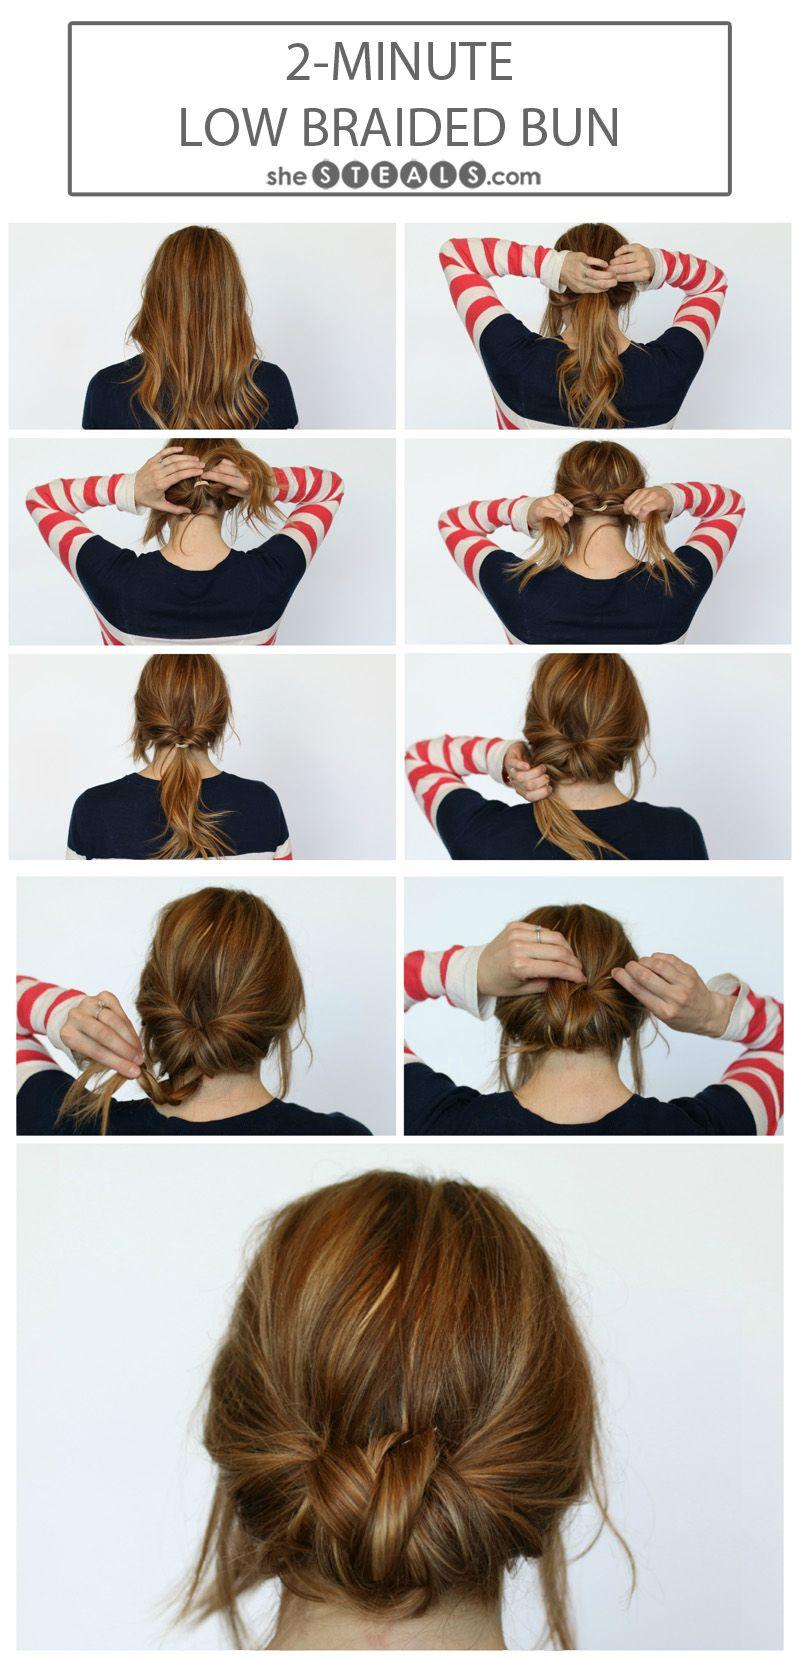 2 Minute Braided Bun1 Jpg 800 1 659 Pixels Summer Hair Buns Hair Styles Hair Bun Tutorial